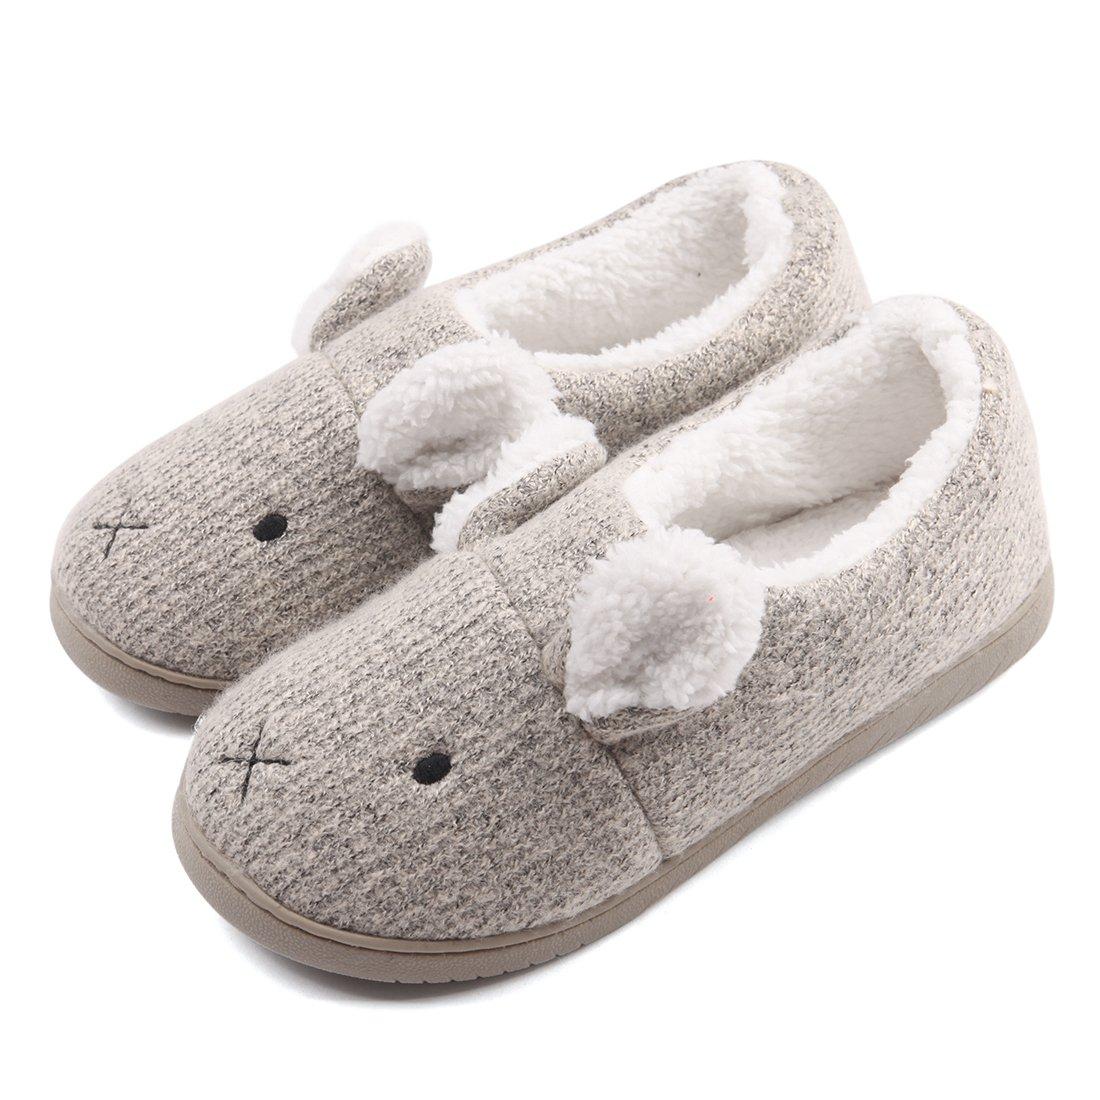 Women Comfort Plush Cozy Home Slippers Non Slip Indoor